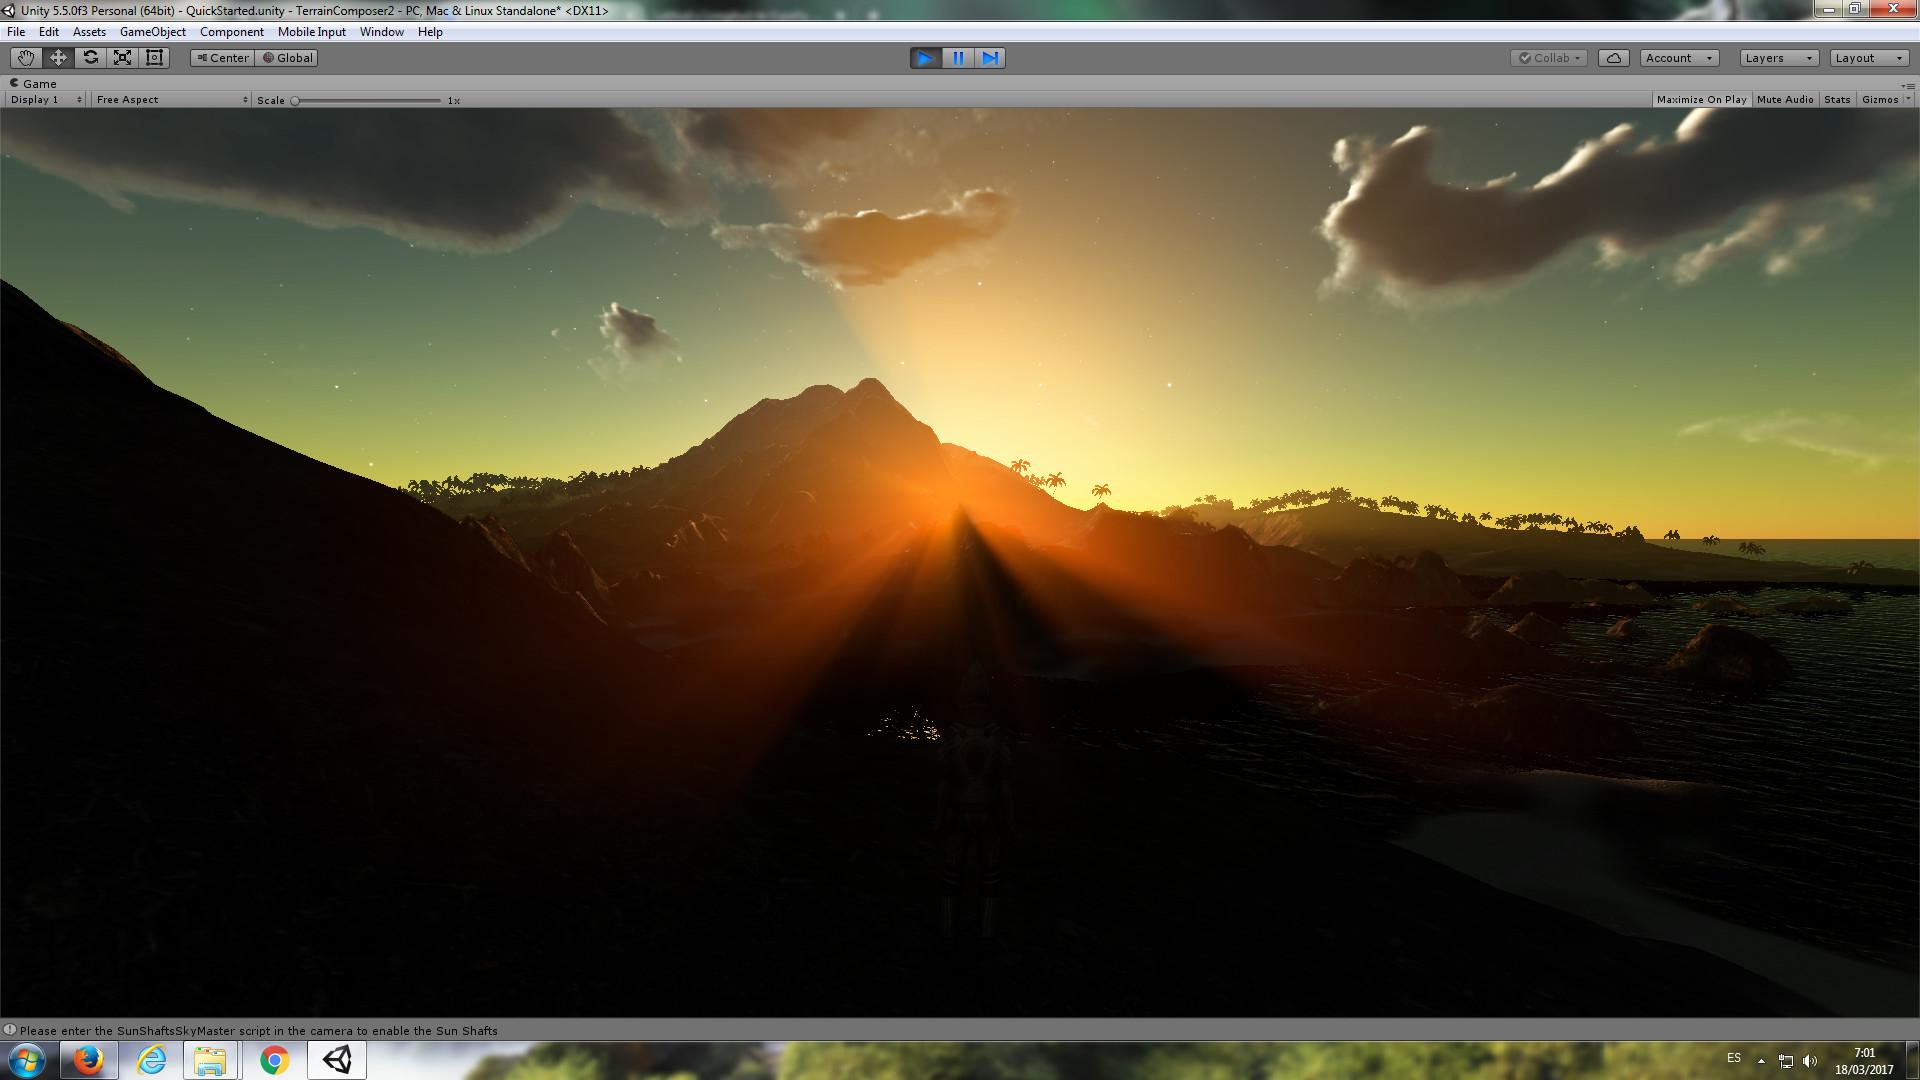 lightShaft_uSky.jpg